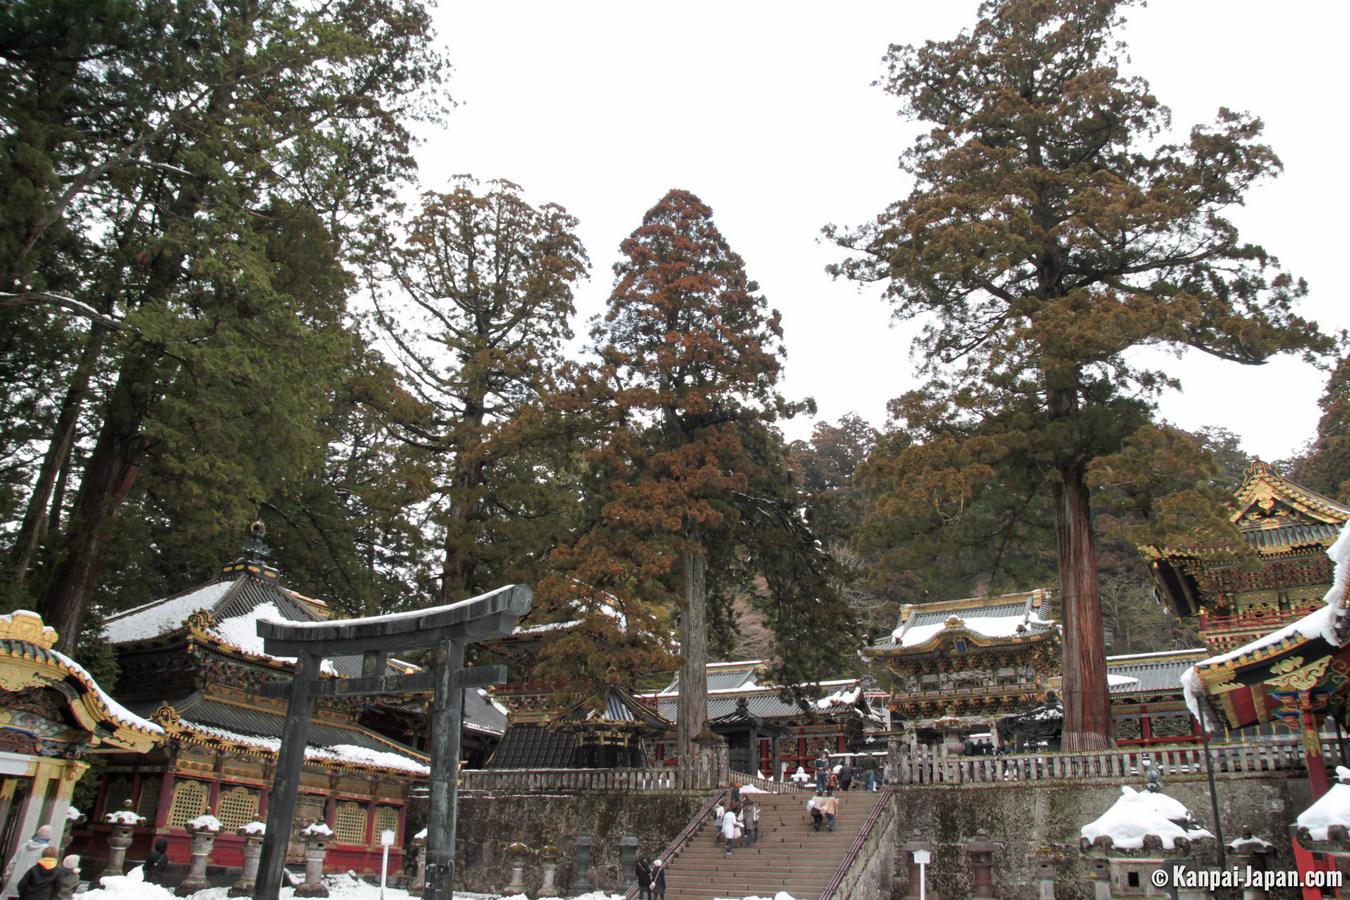 nikko-toshogu-shrine-12п.jpg